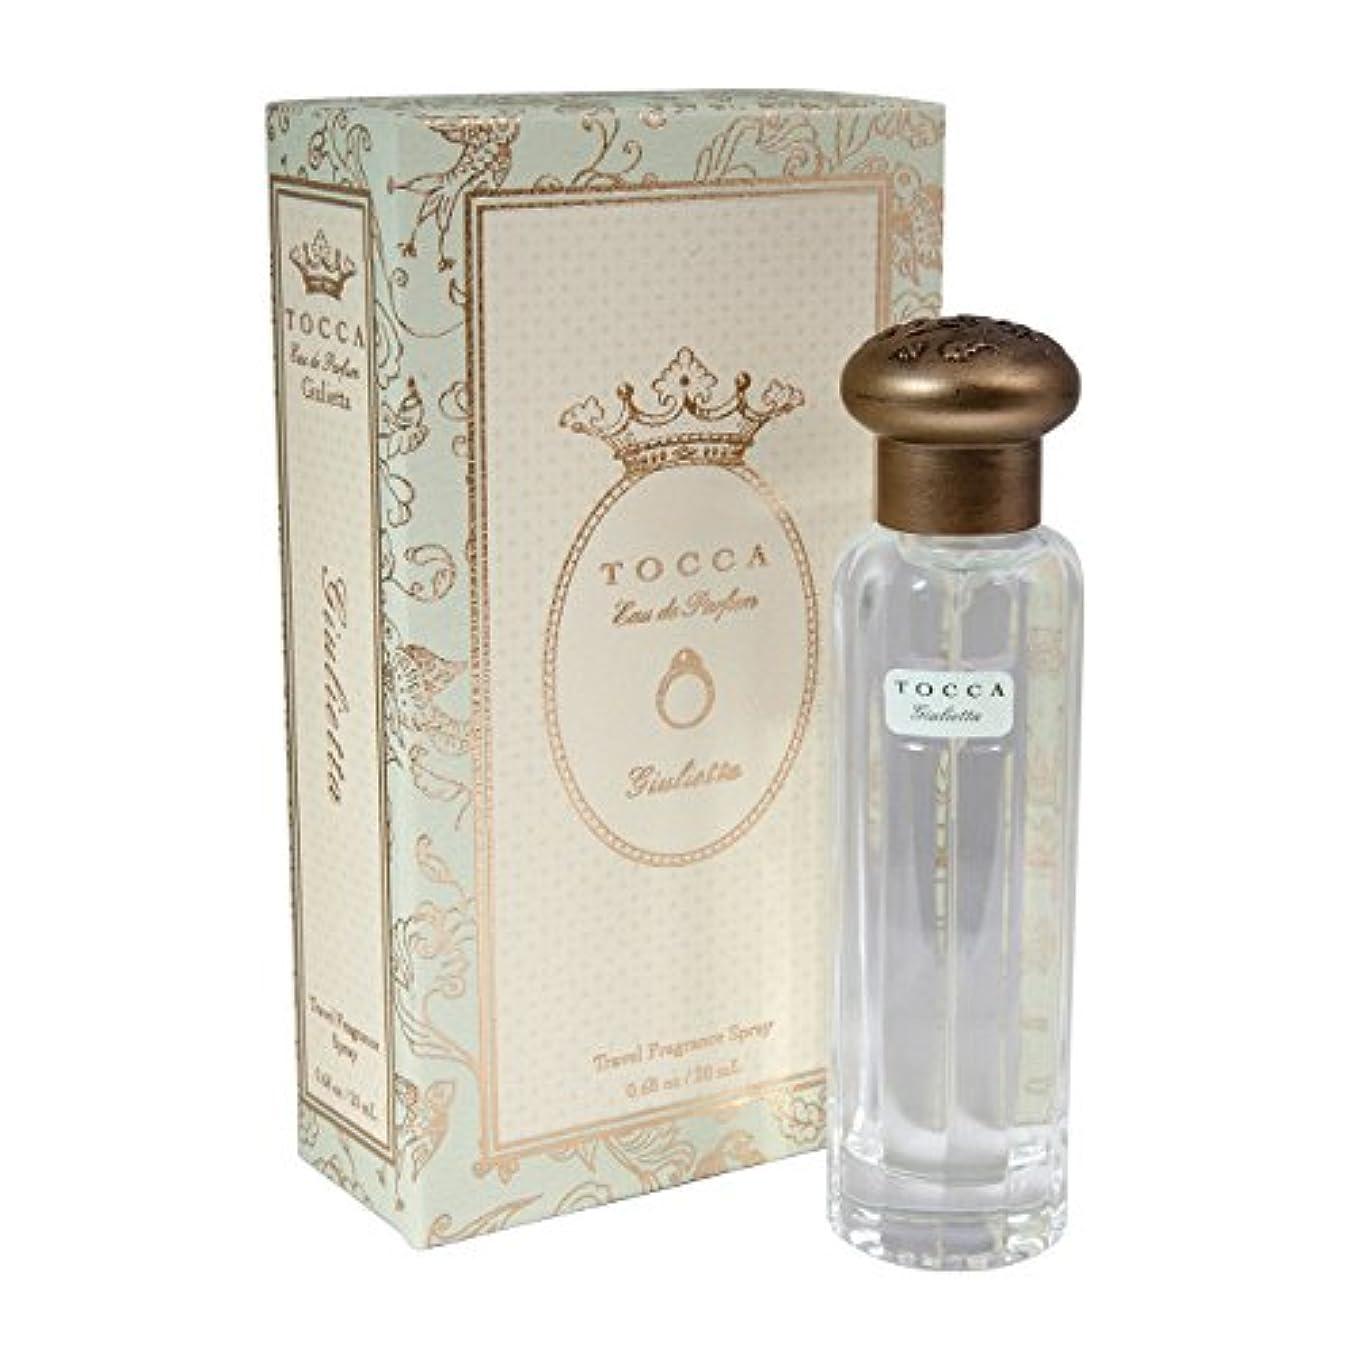 あいまい経営者通りトッカ(TOCCA)  トラベルフレグランススプレー ジュリエッタの香り 20ml(香水 オードパルファム 映画監督と女優である妻とのラブストーリーを描く、グリーンアップルとチューリップの甘く優美な香り)